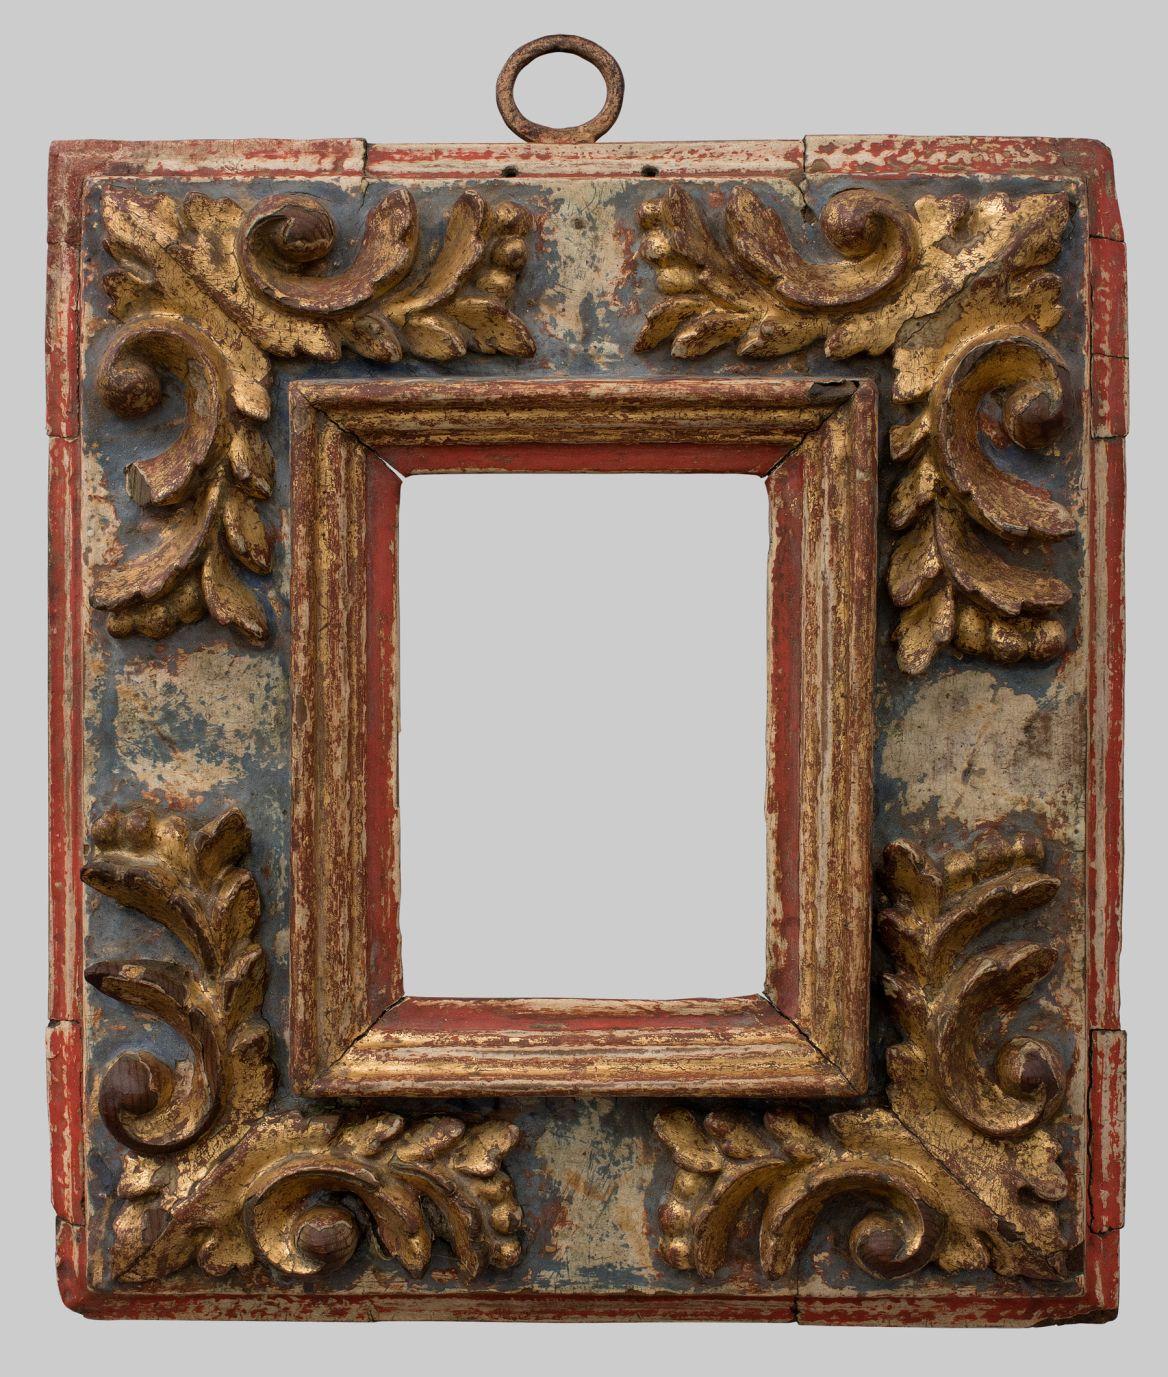 Sales Of Antique Frames The Frame Blog In 2020 Antique Frames Mirror Frame Diy Mirrored Picture Frames